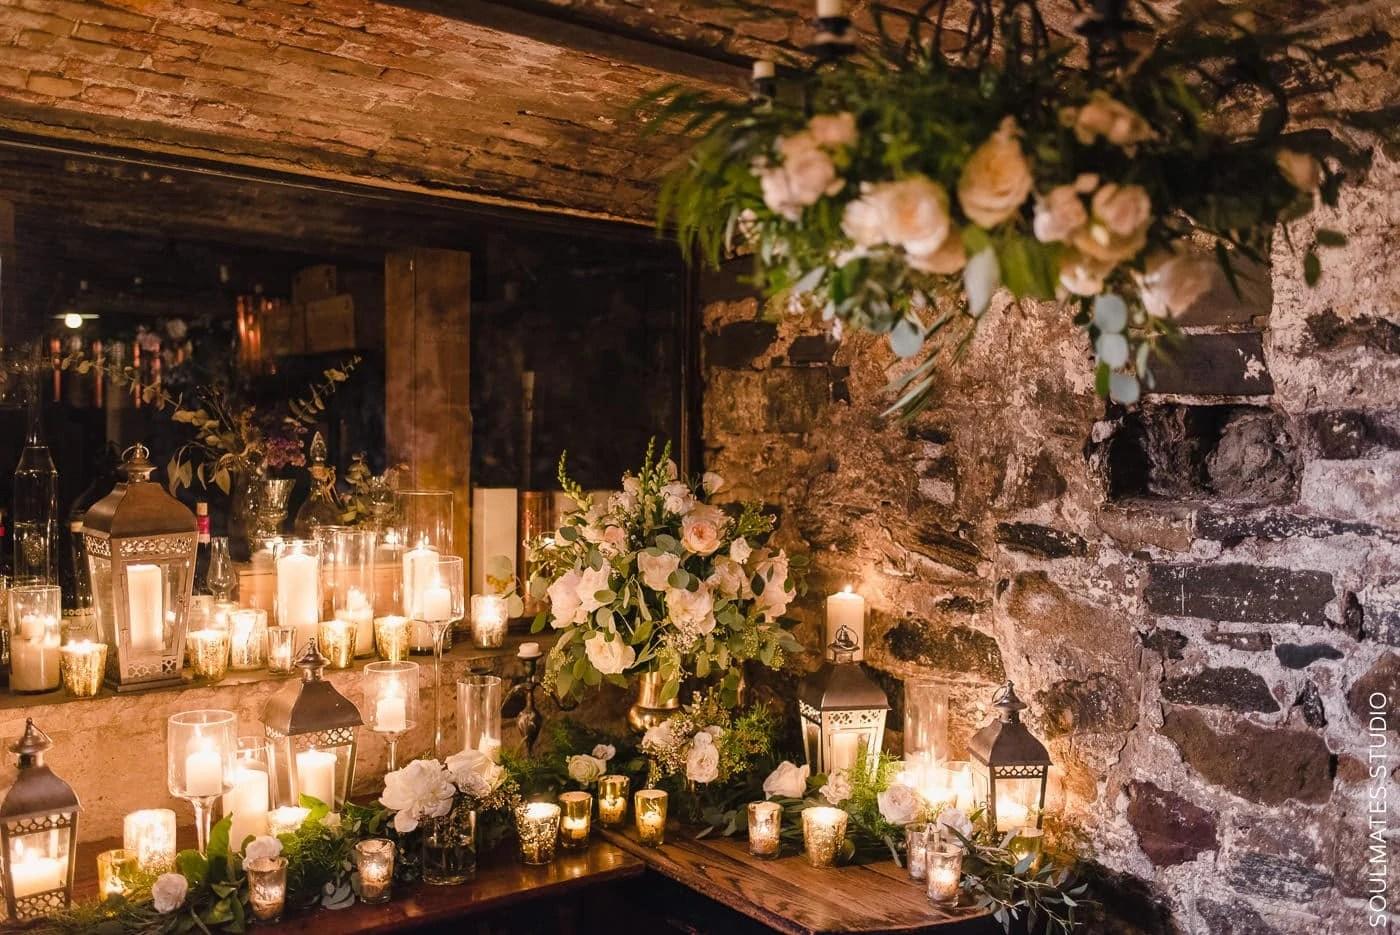 Bacaro Restaurant Elopement Wedding